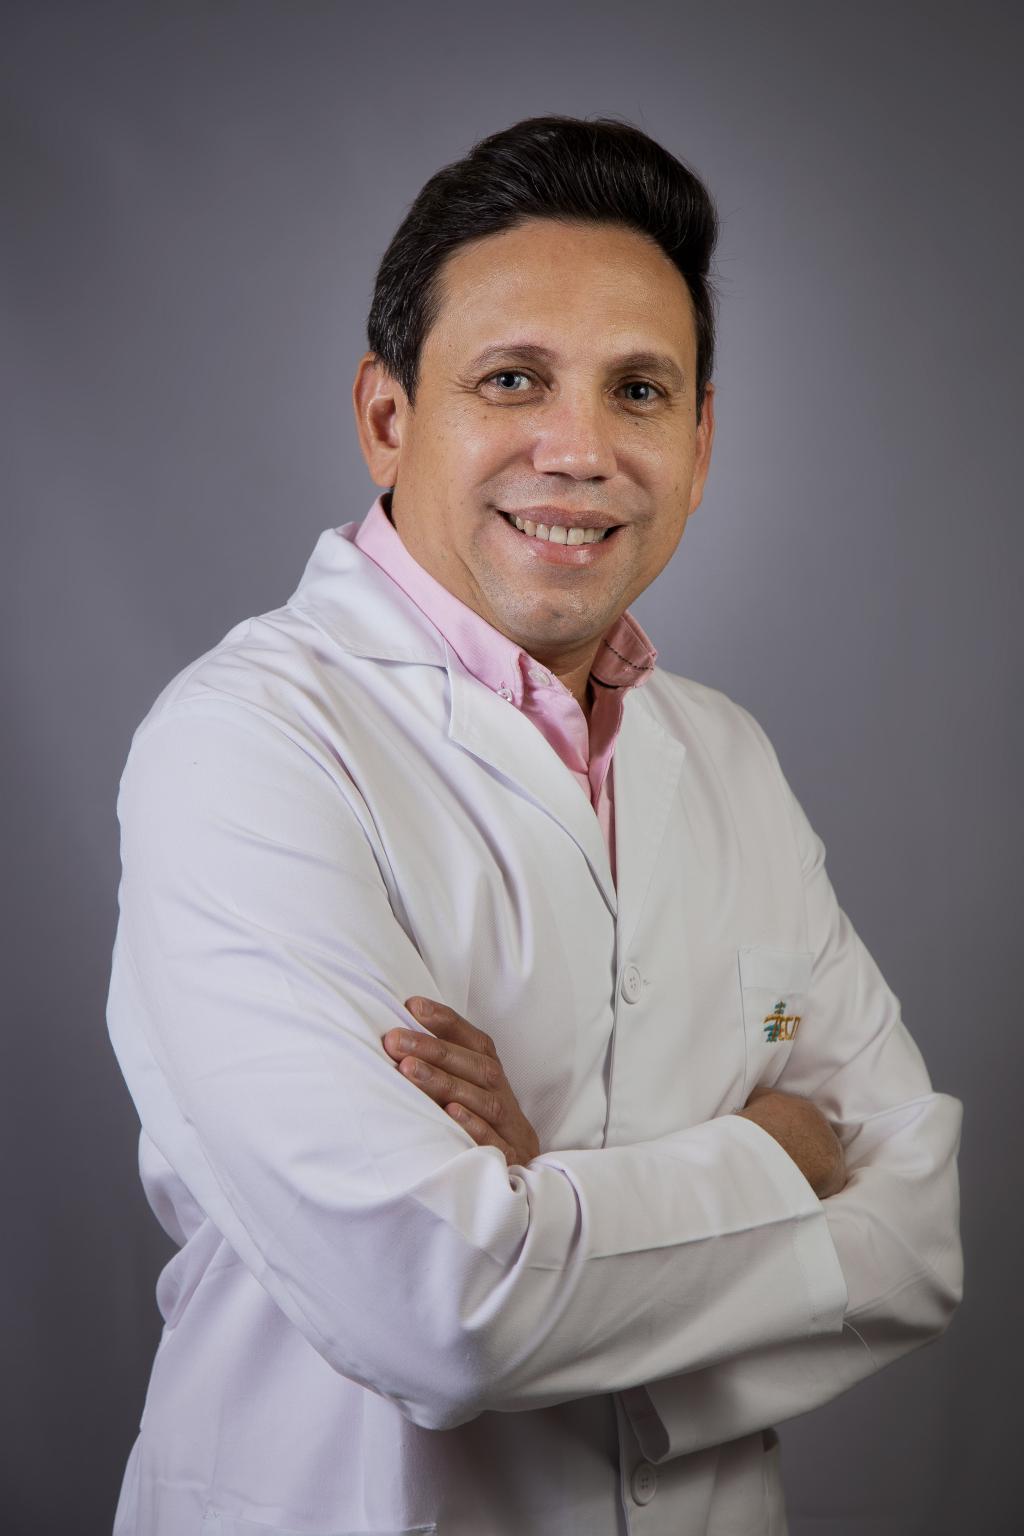 Erick Echevarria